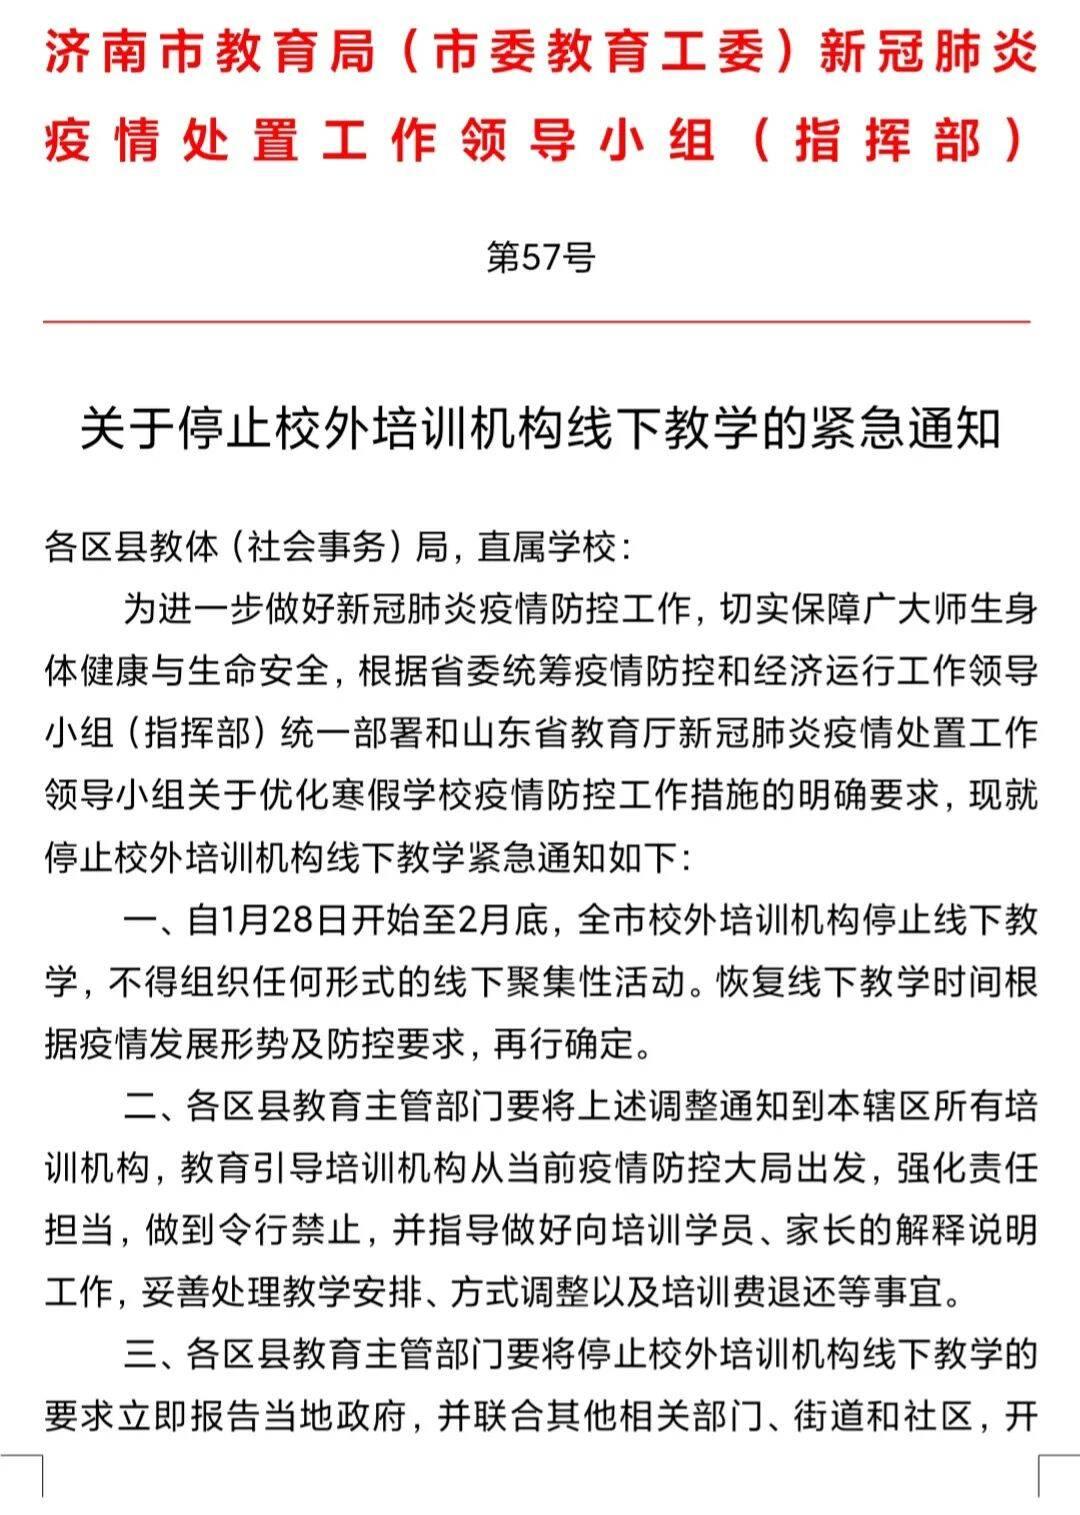 济南全市校外培训机构暂停线下授课!